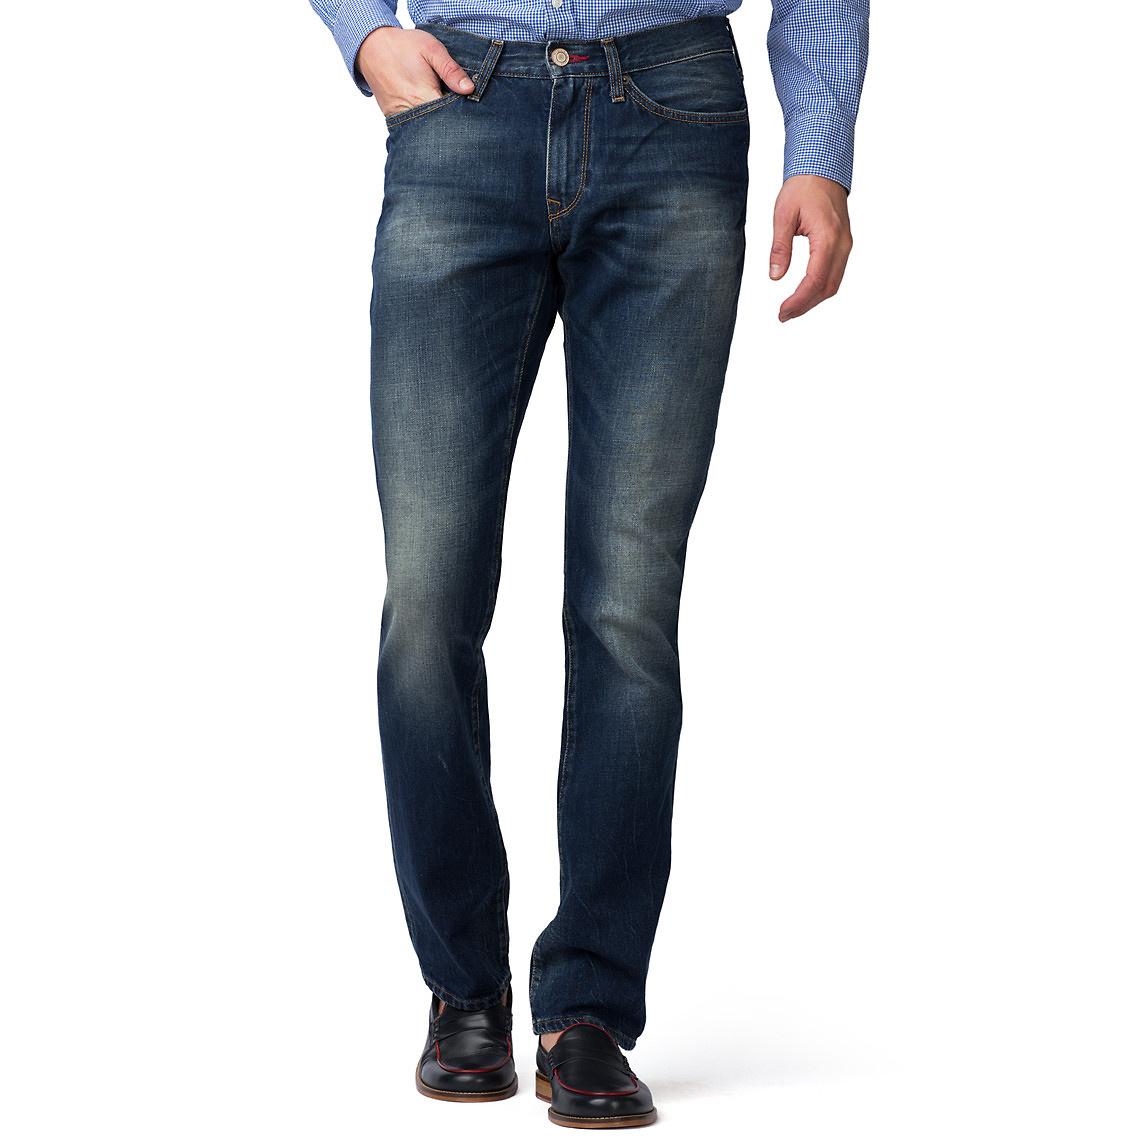 tommy hilfiger mercer regular fit denim pant in blue for. Black Bedroom Furniture Sets. Home Design Ideas